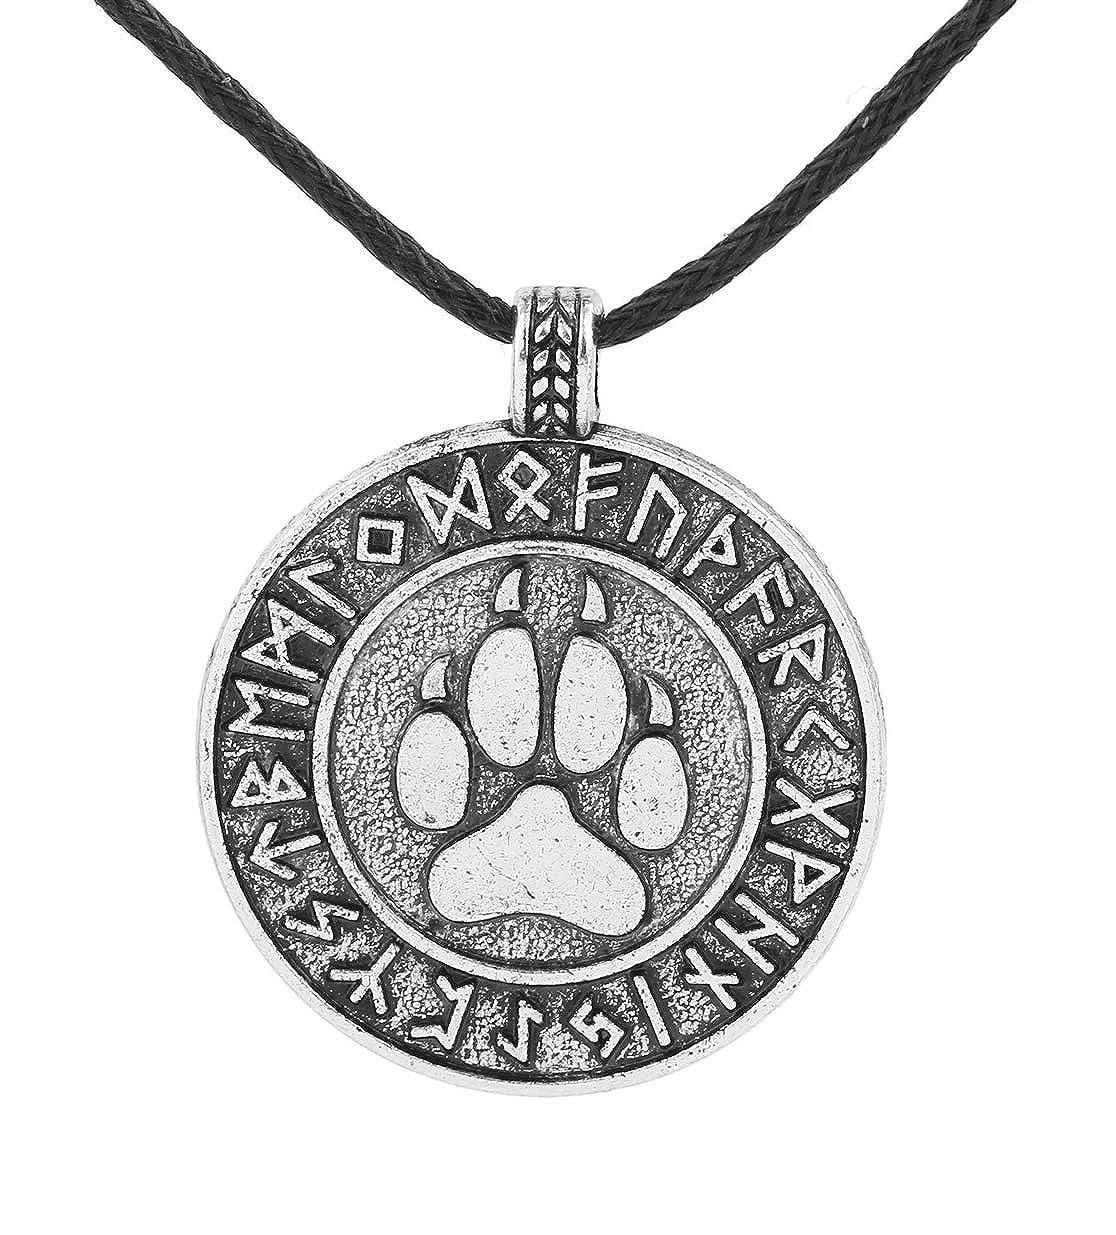 Griffes Runes Slaves Celtique Viking Bear Et De Loup Paw Likgreat 6Yfy7gb